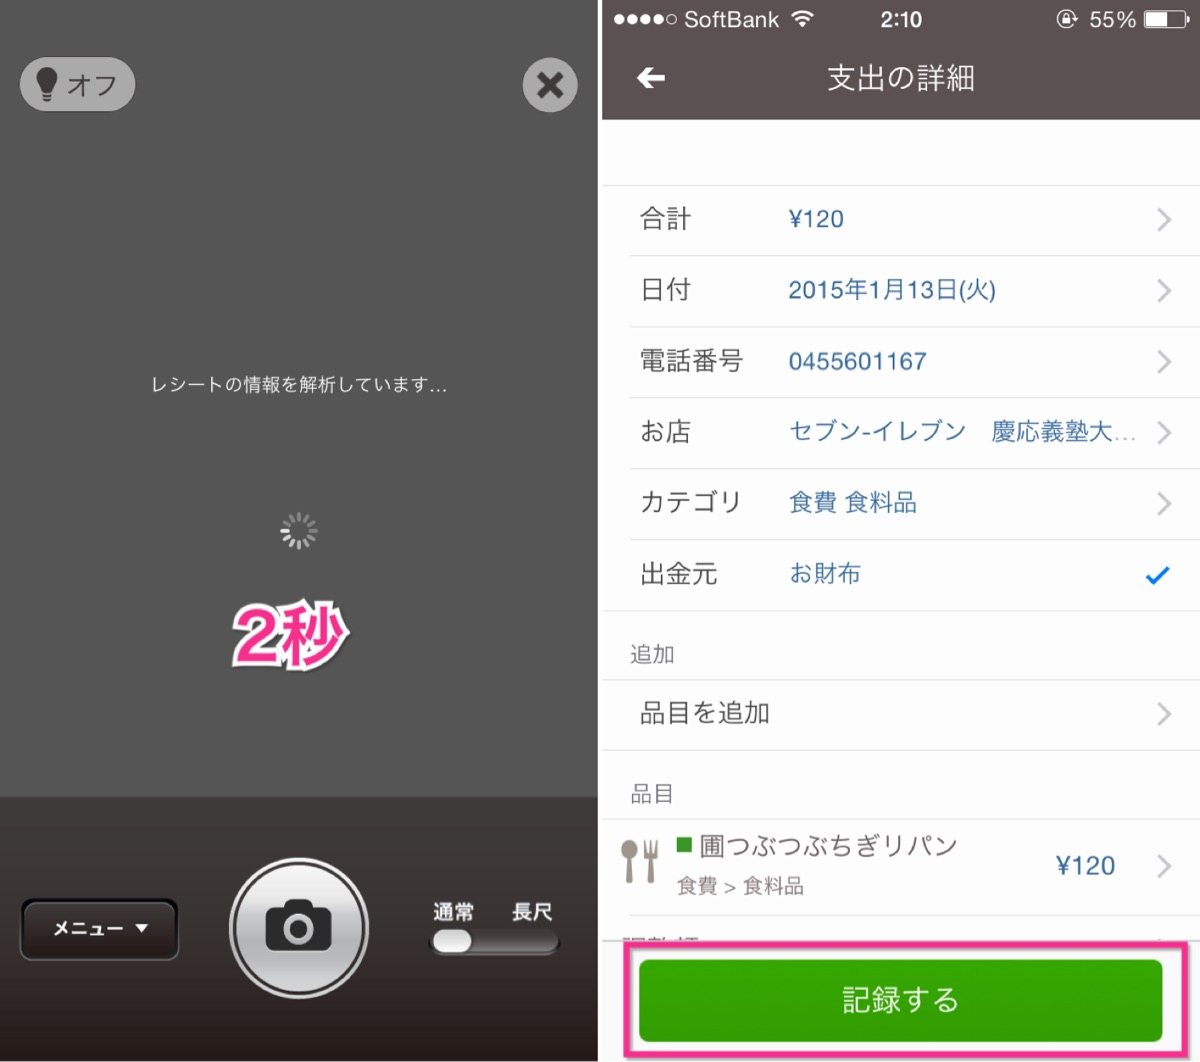 iPhoneアプリのZaimのレシート読み取り機能